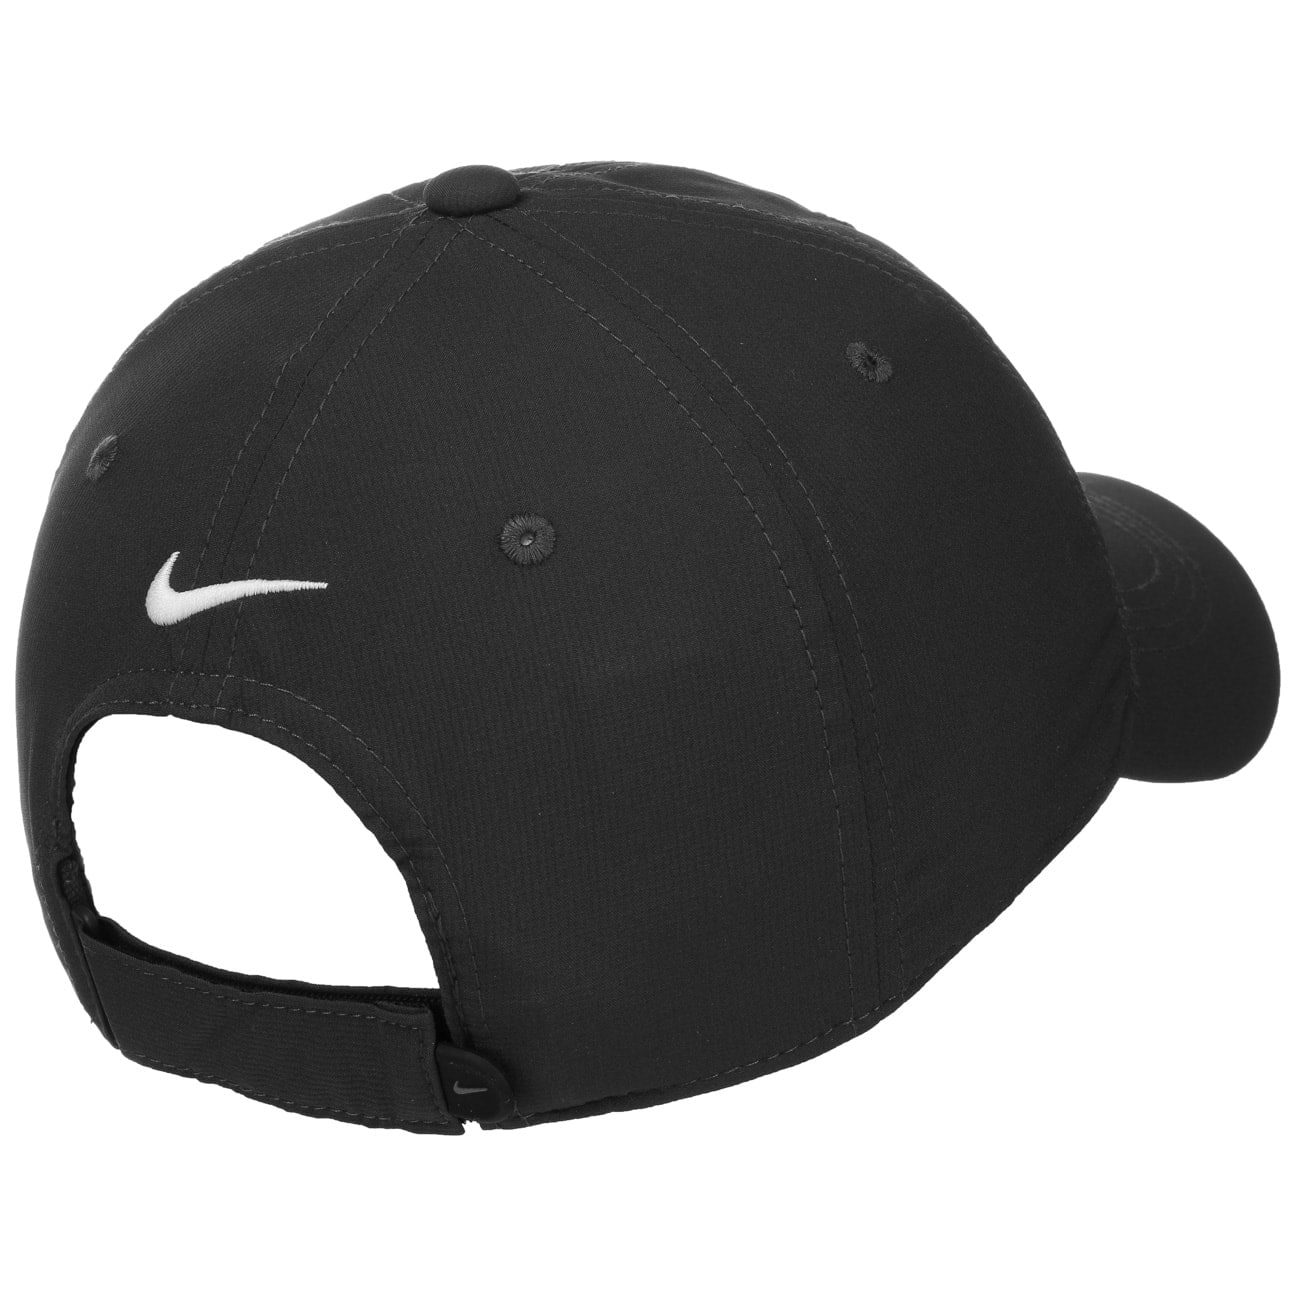 ... Legacy91 Tech Cap by Nike - nero 2 ... b66902d23704